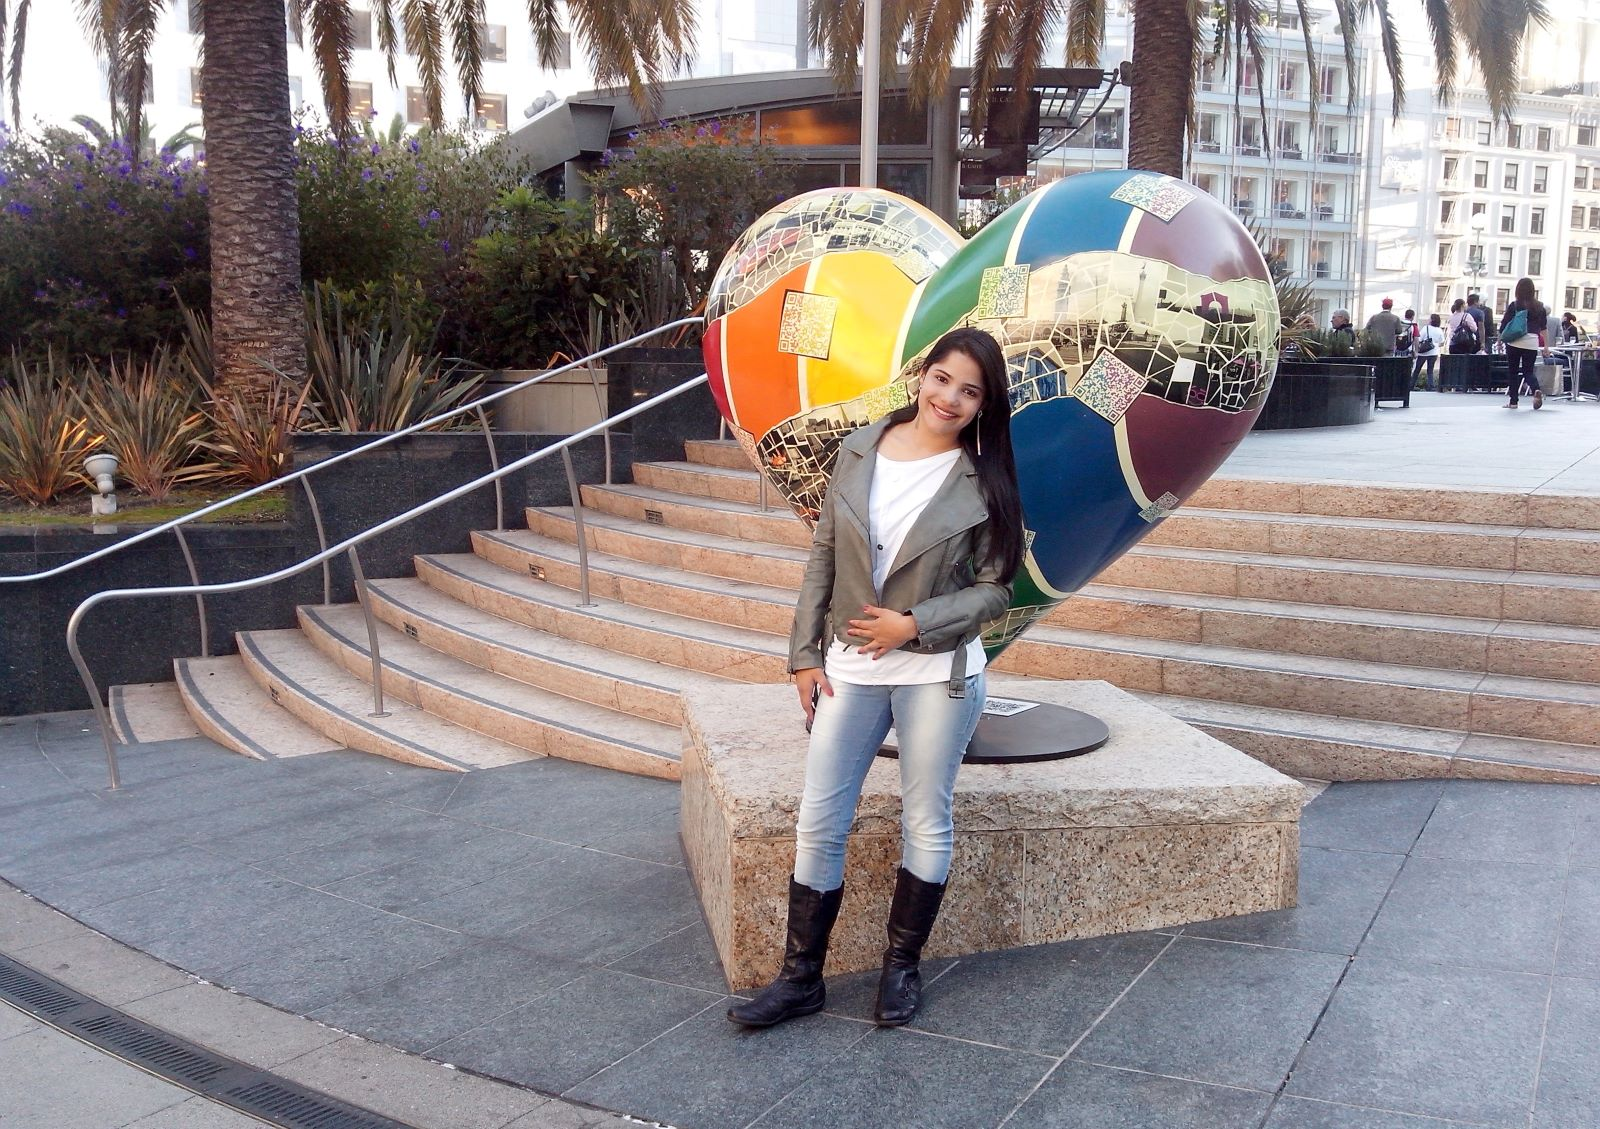 mulher jovem com escultura de coração no meio de uma praça